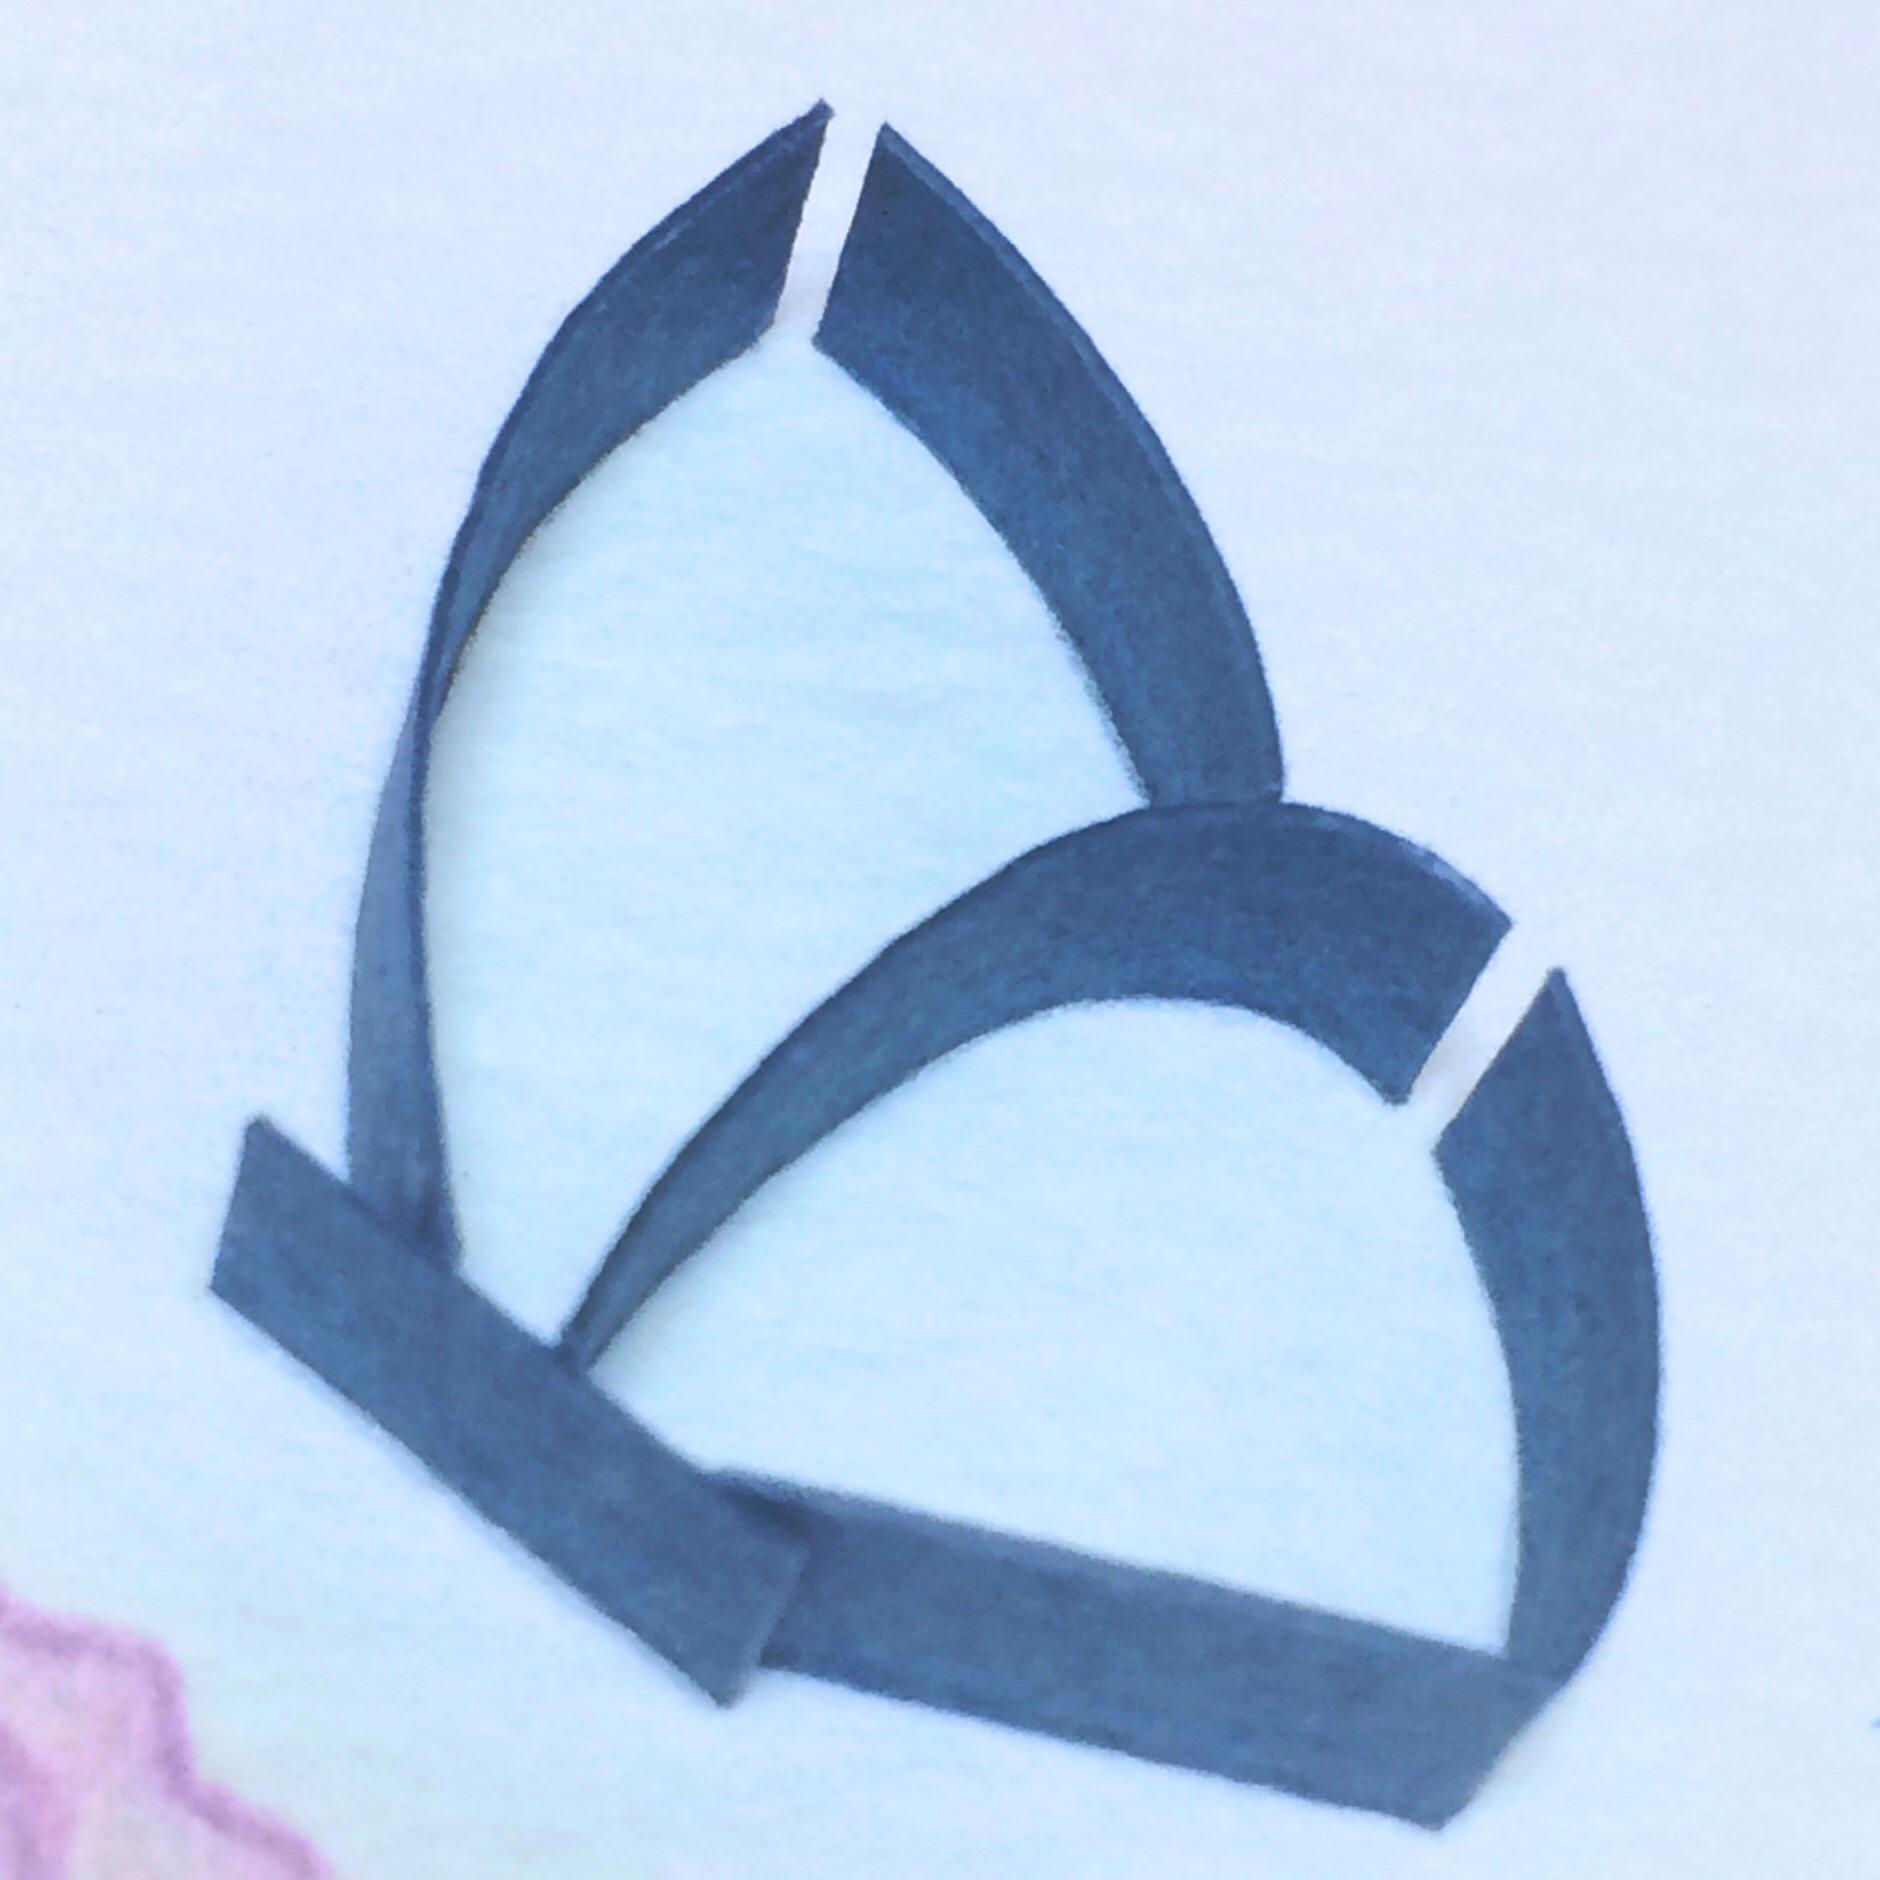 紙tateruテク ライン画像2